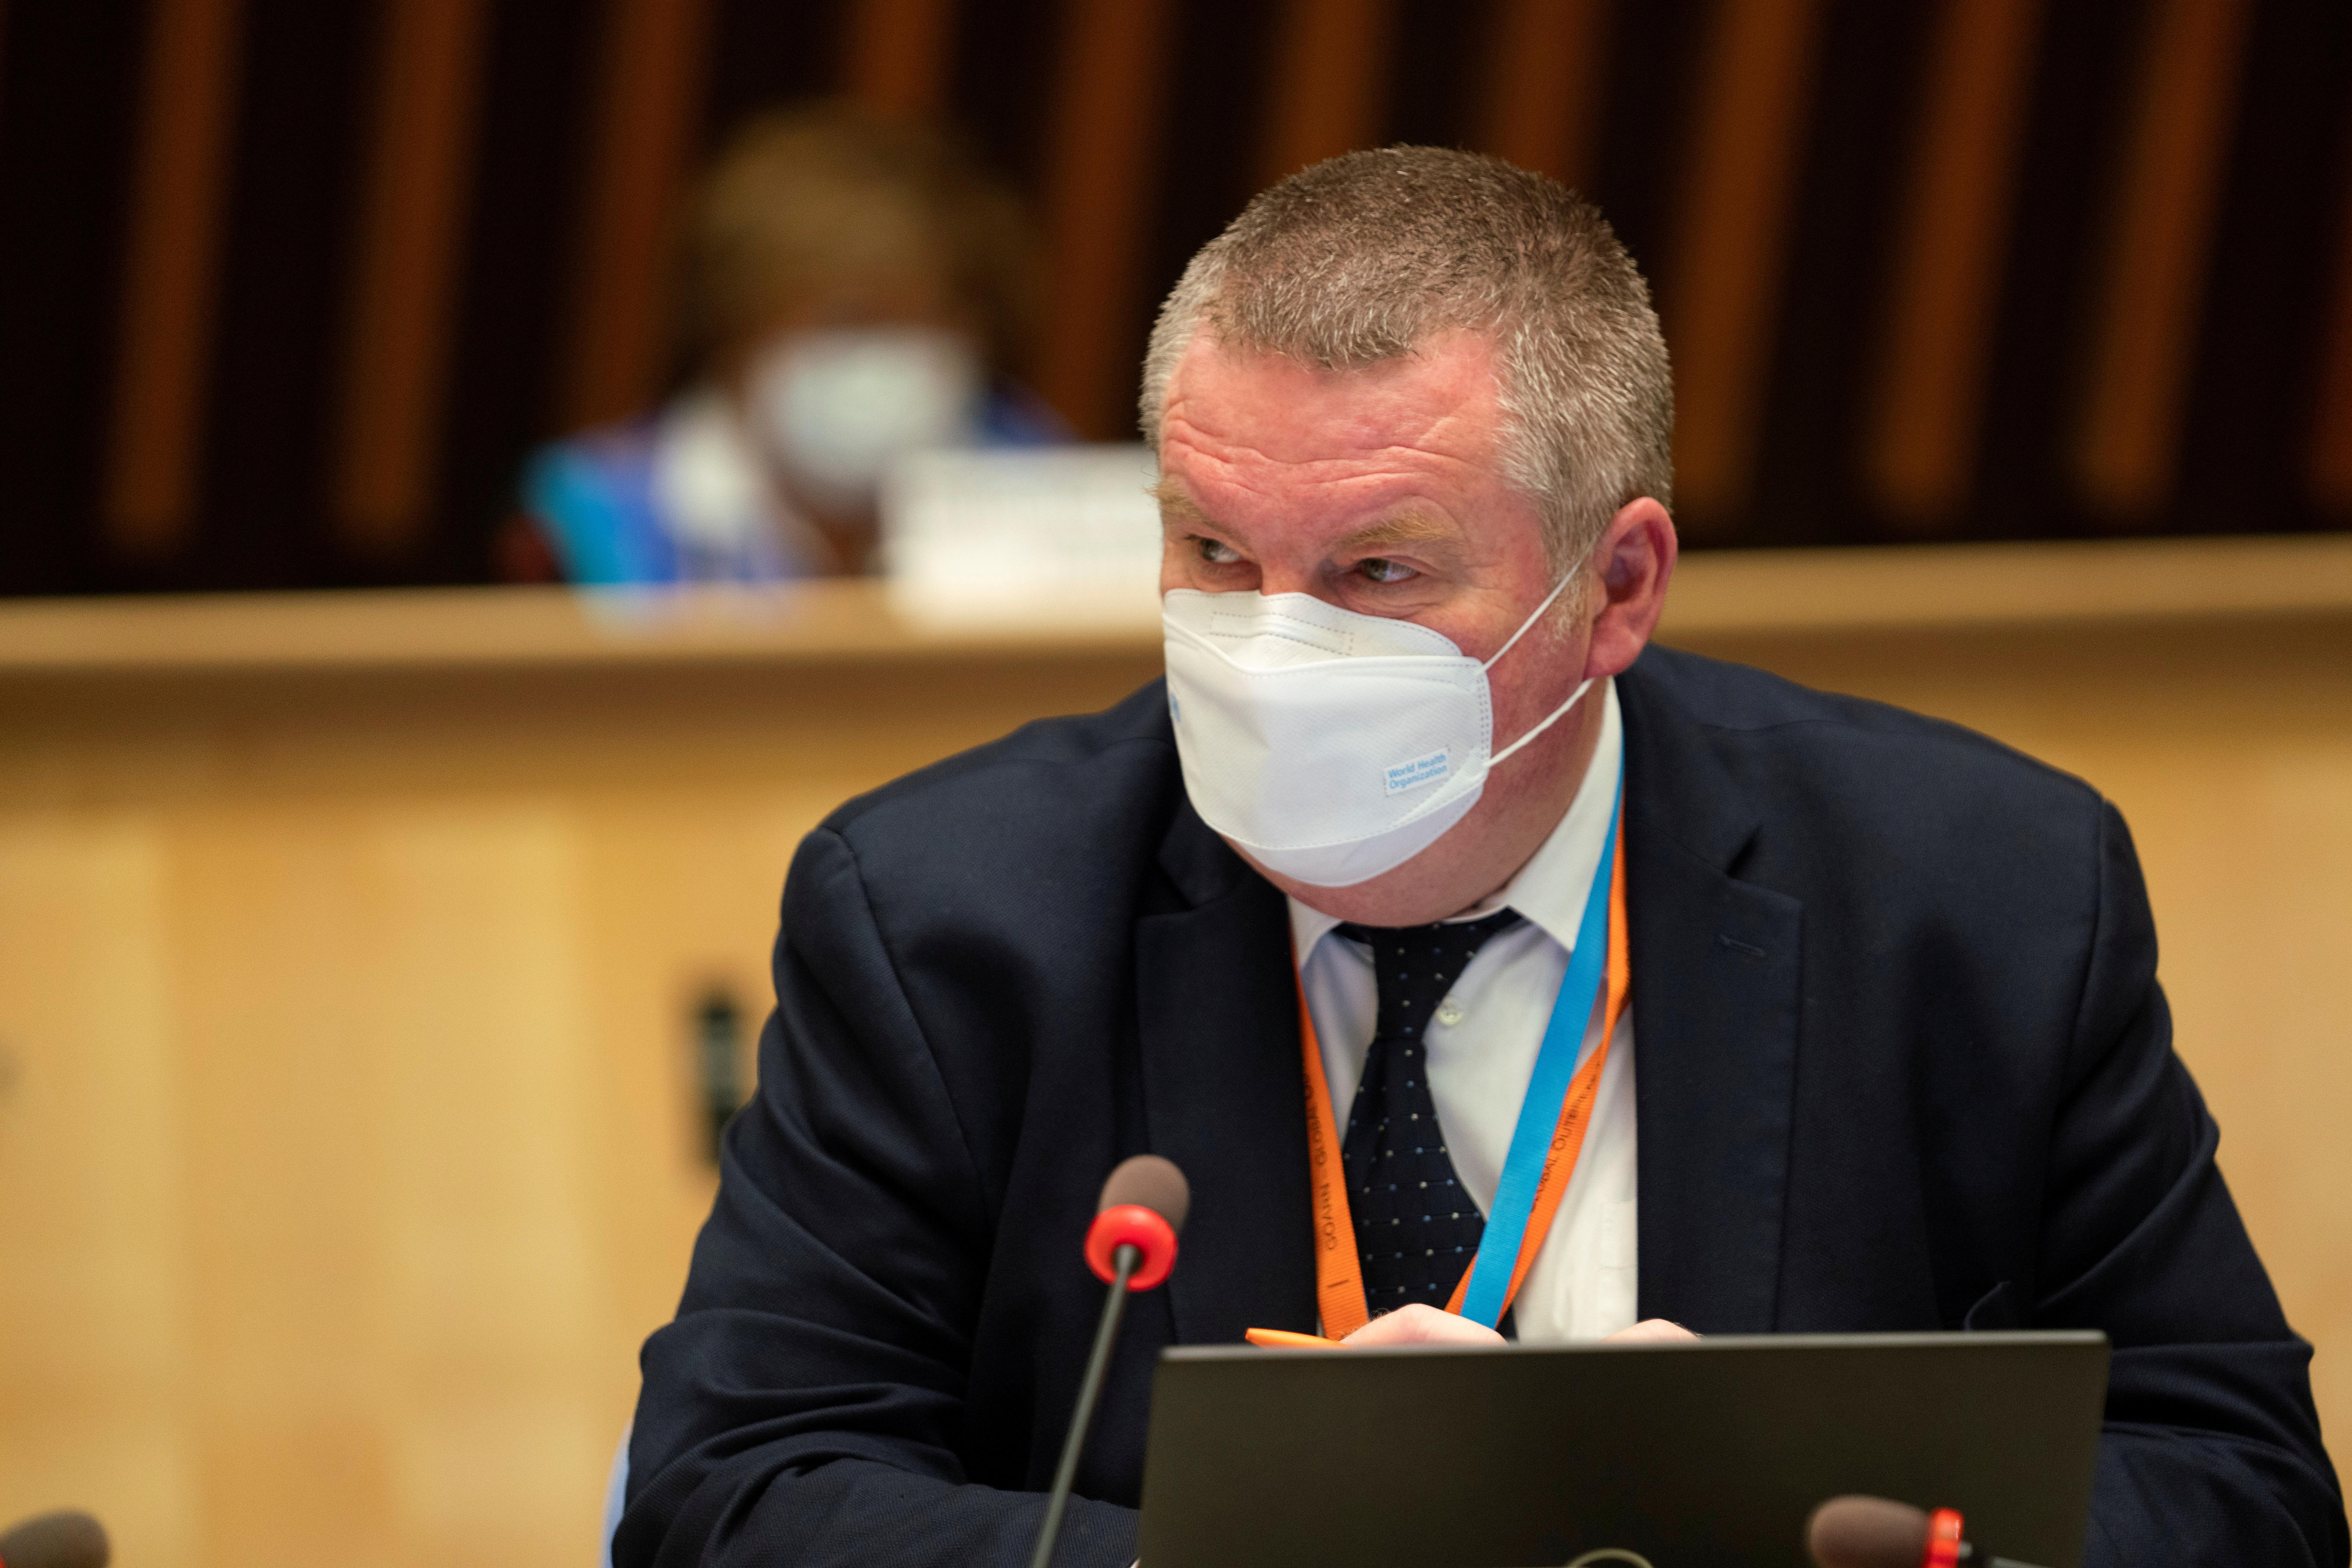 WHO Health Emergencies Programme Director Michael Ryan in Geneva, Switzerland, October 5, 2020.  Christopher Black/WHO/Handout via REUTERS